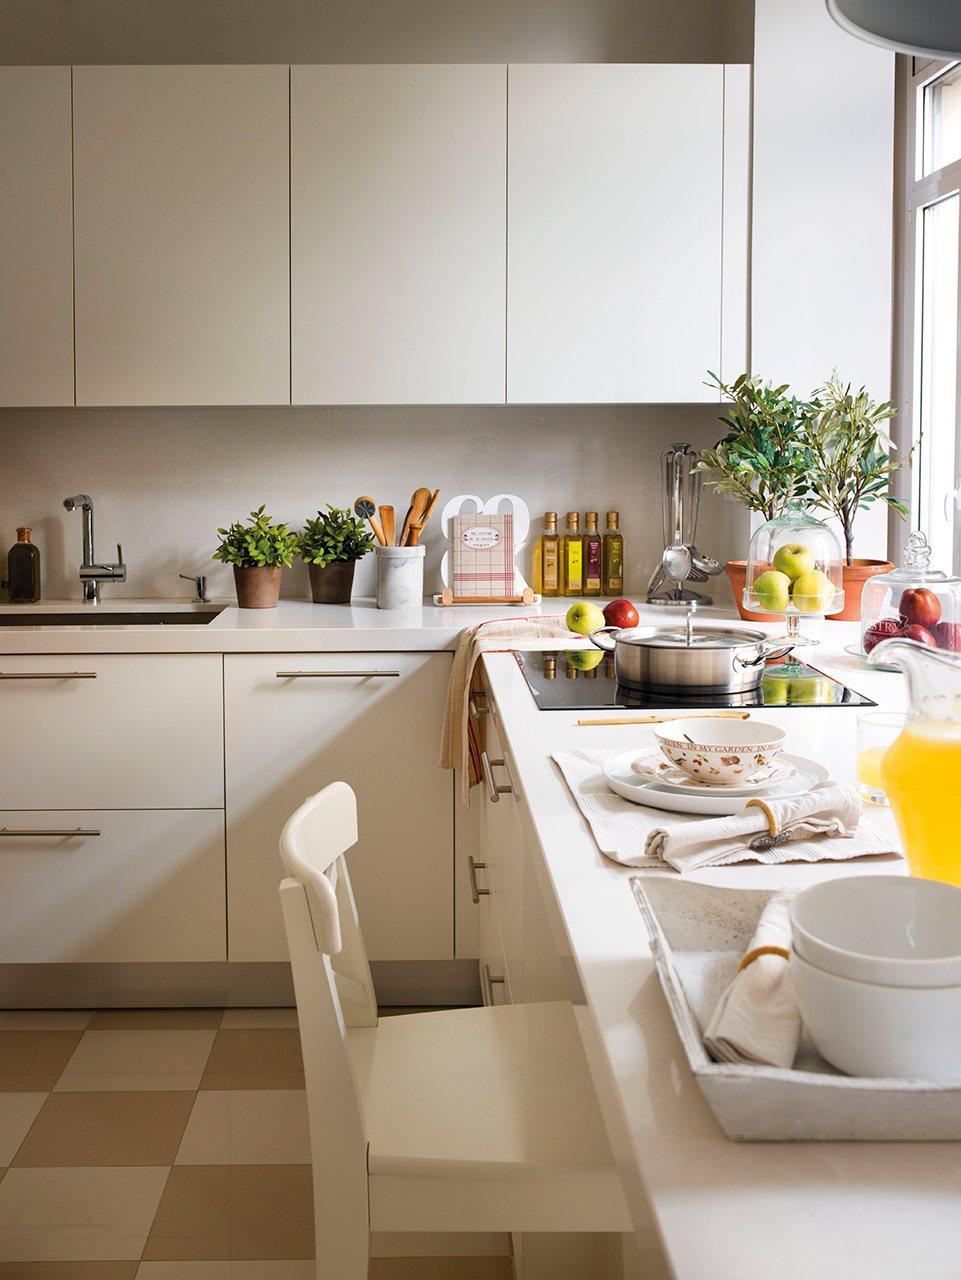 cocina con muebles lacados en blanco mate sin tiradores